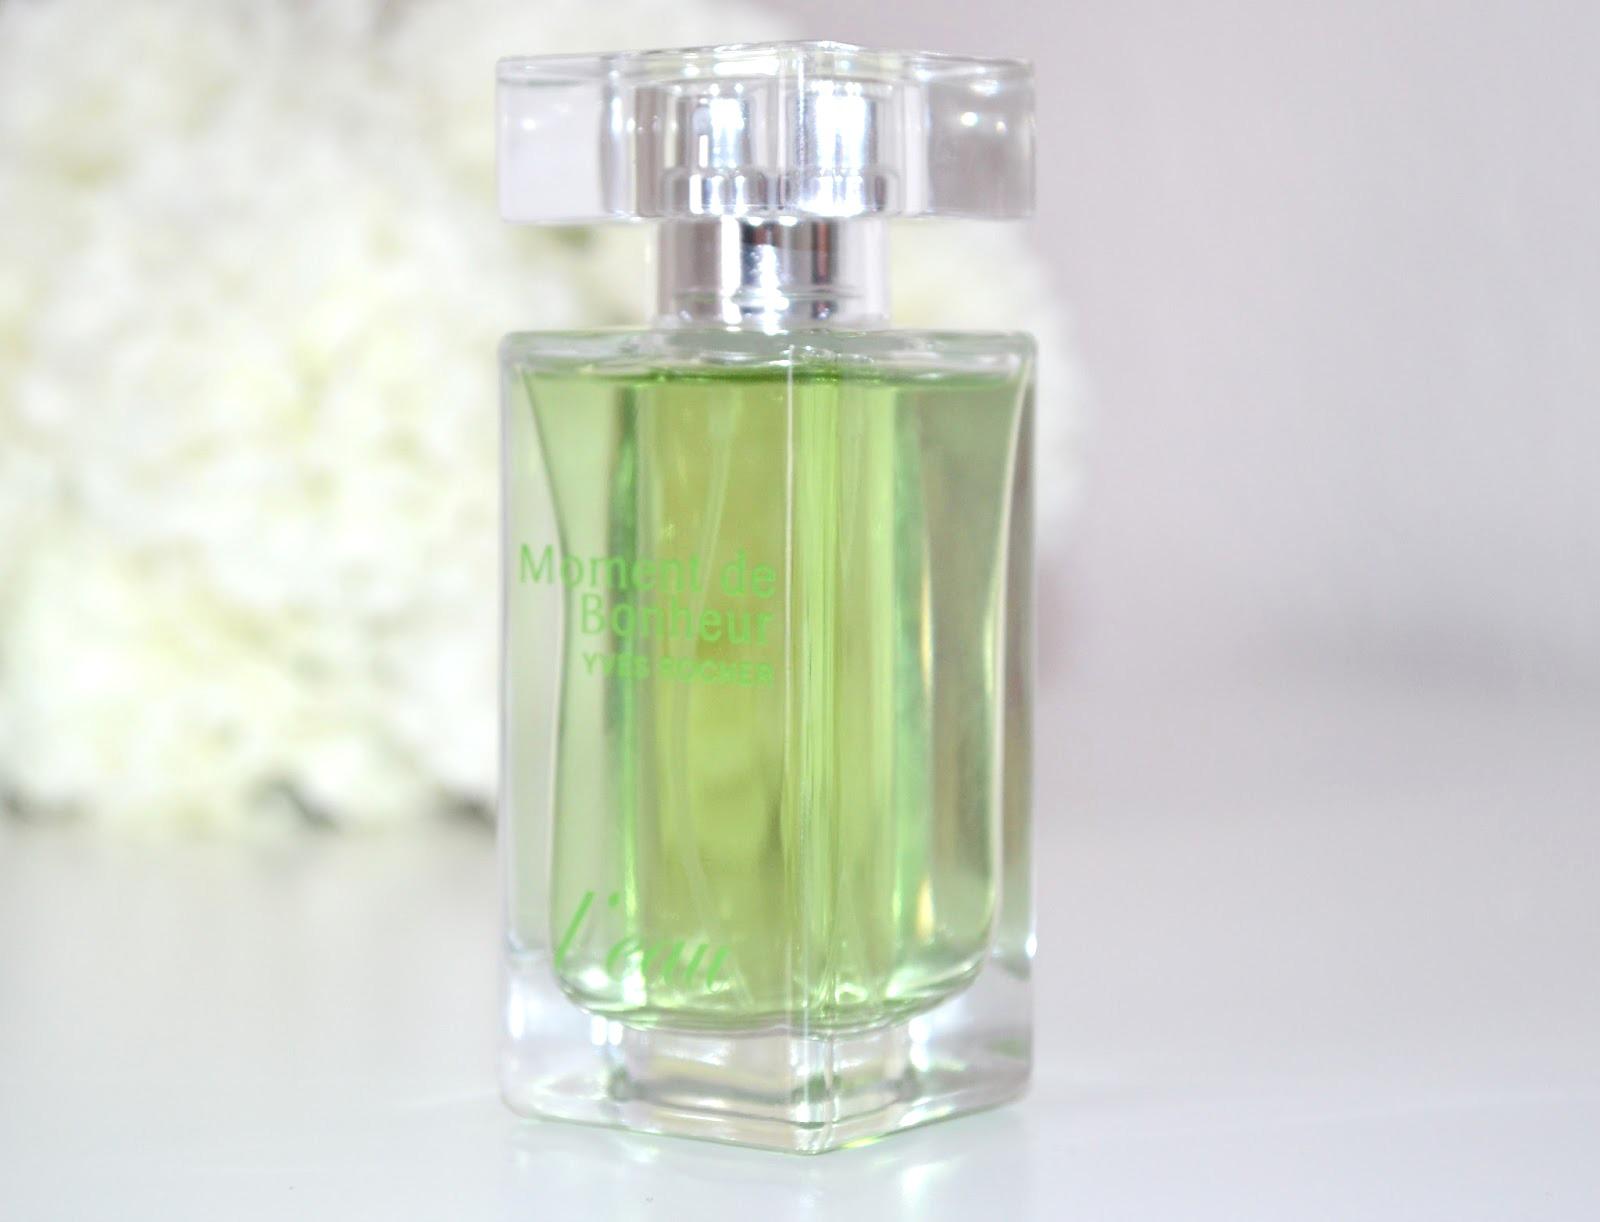 yves rocher, yves rocher perfume, yves rocher perfume review, french perfume, yves rocher moment de bonheur l'eau